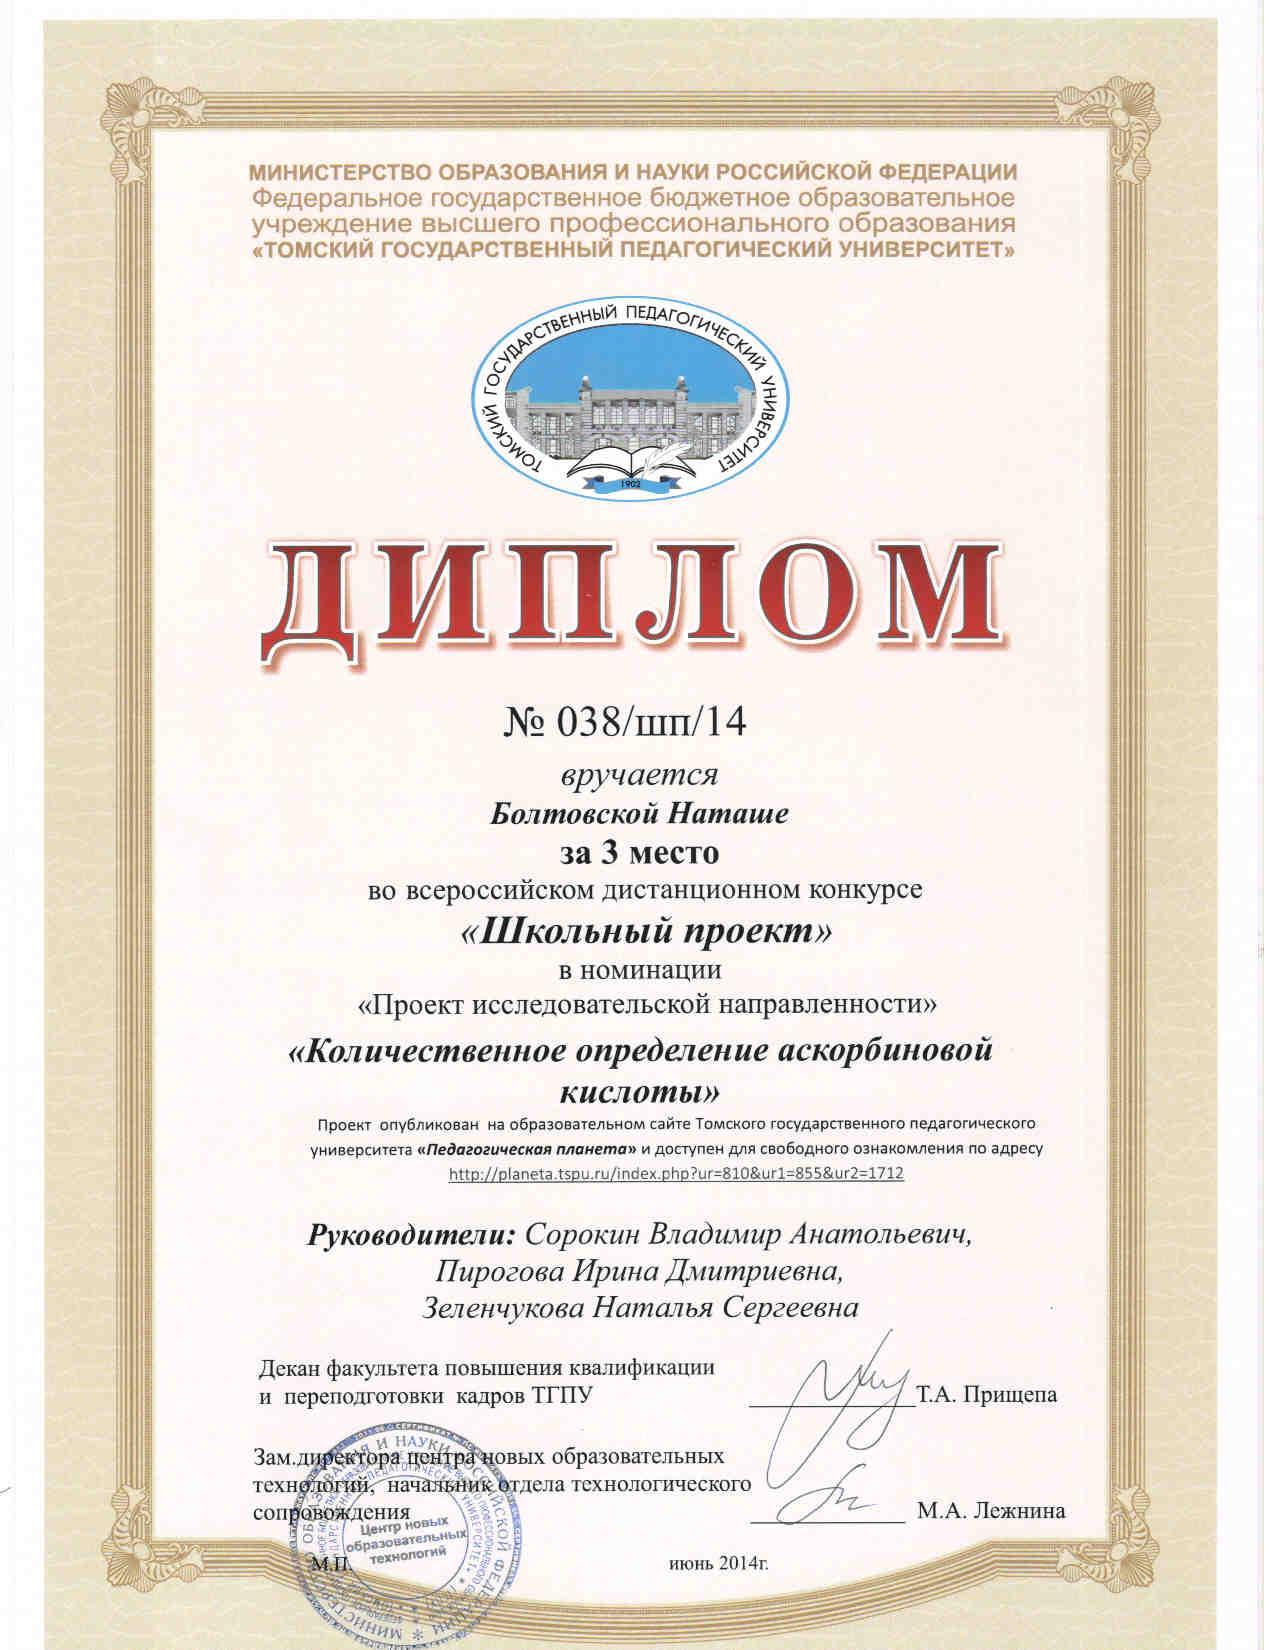 Поздравления от министерства образования